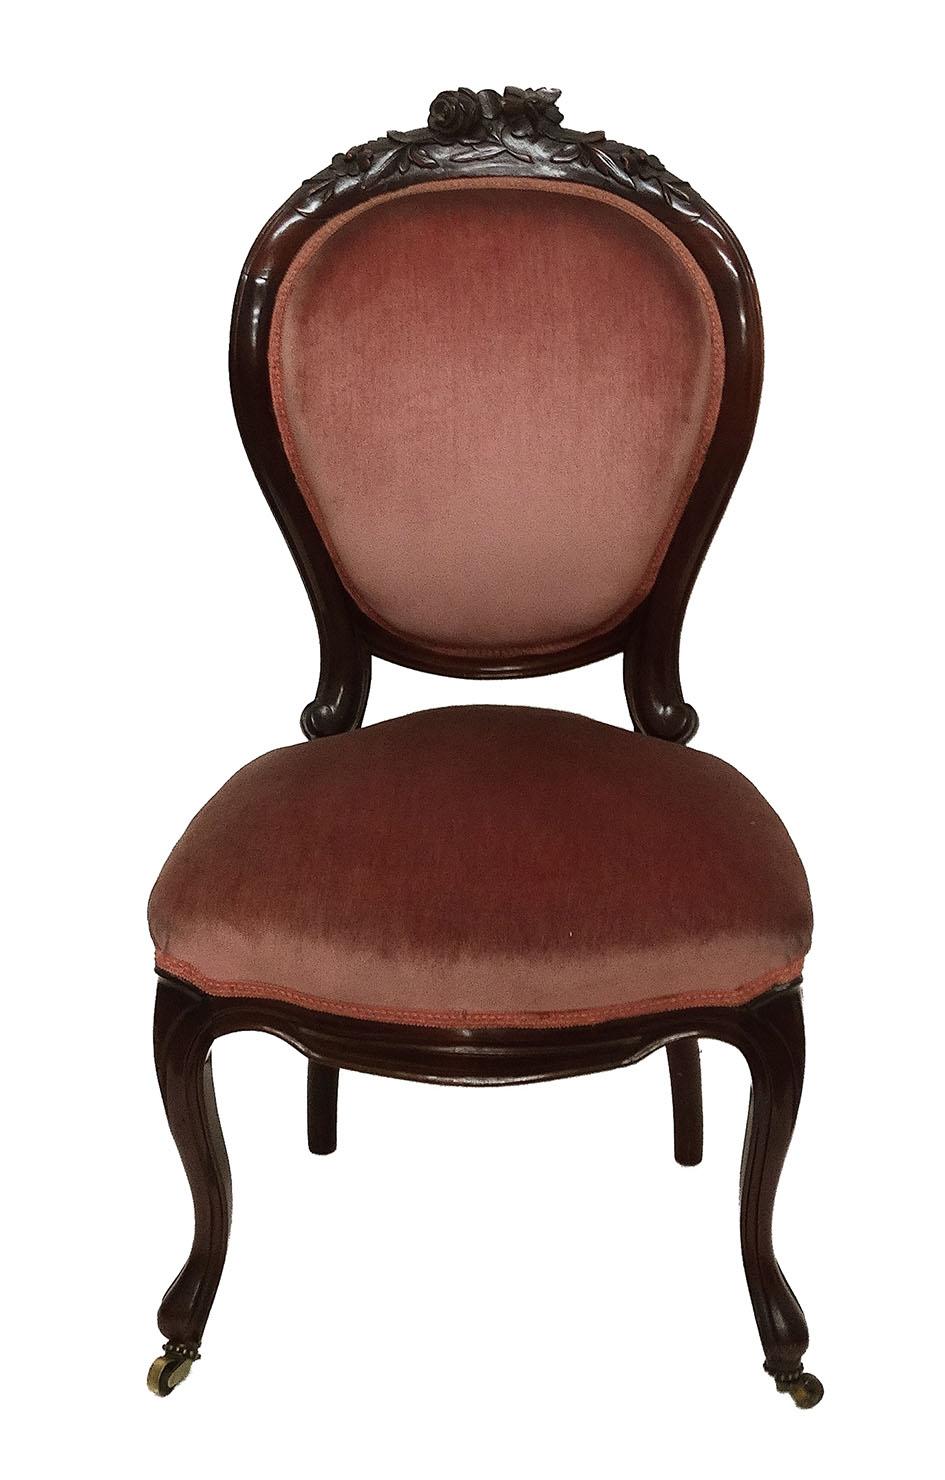 Bgw remate 255 muebles gek htm gendata - Sillas estilo colonial ...